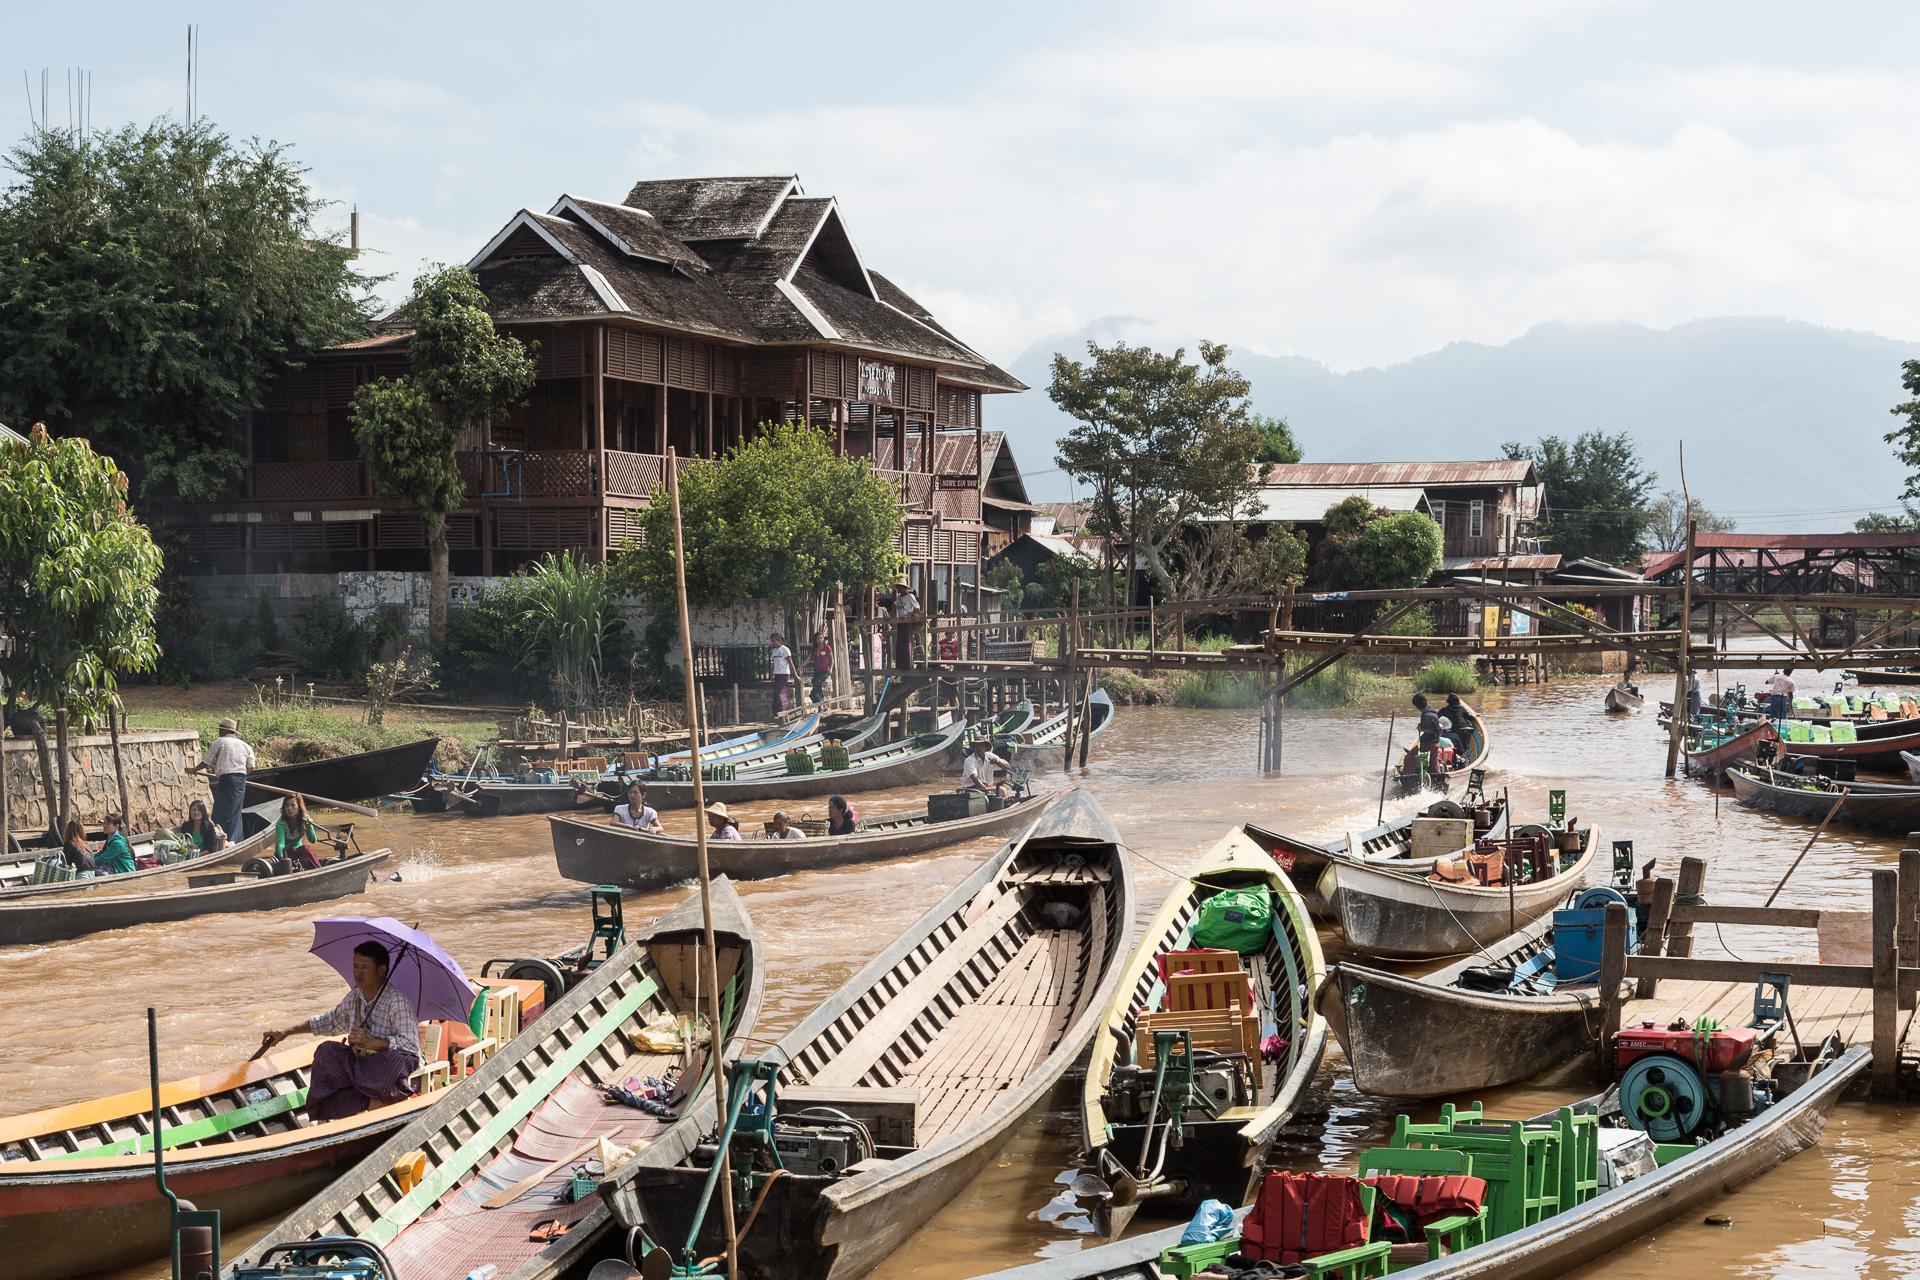 myanmar-reportage-wisckow-052.jpg